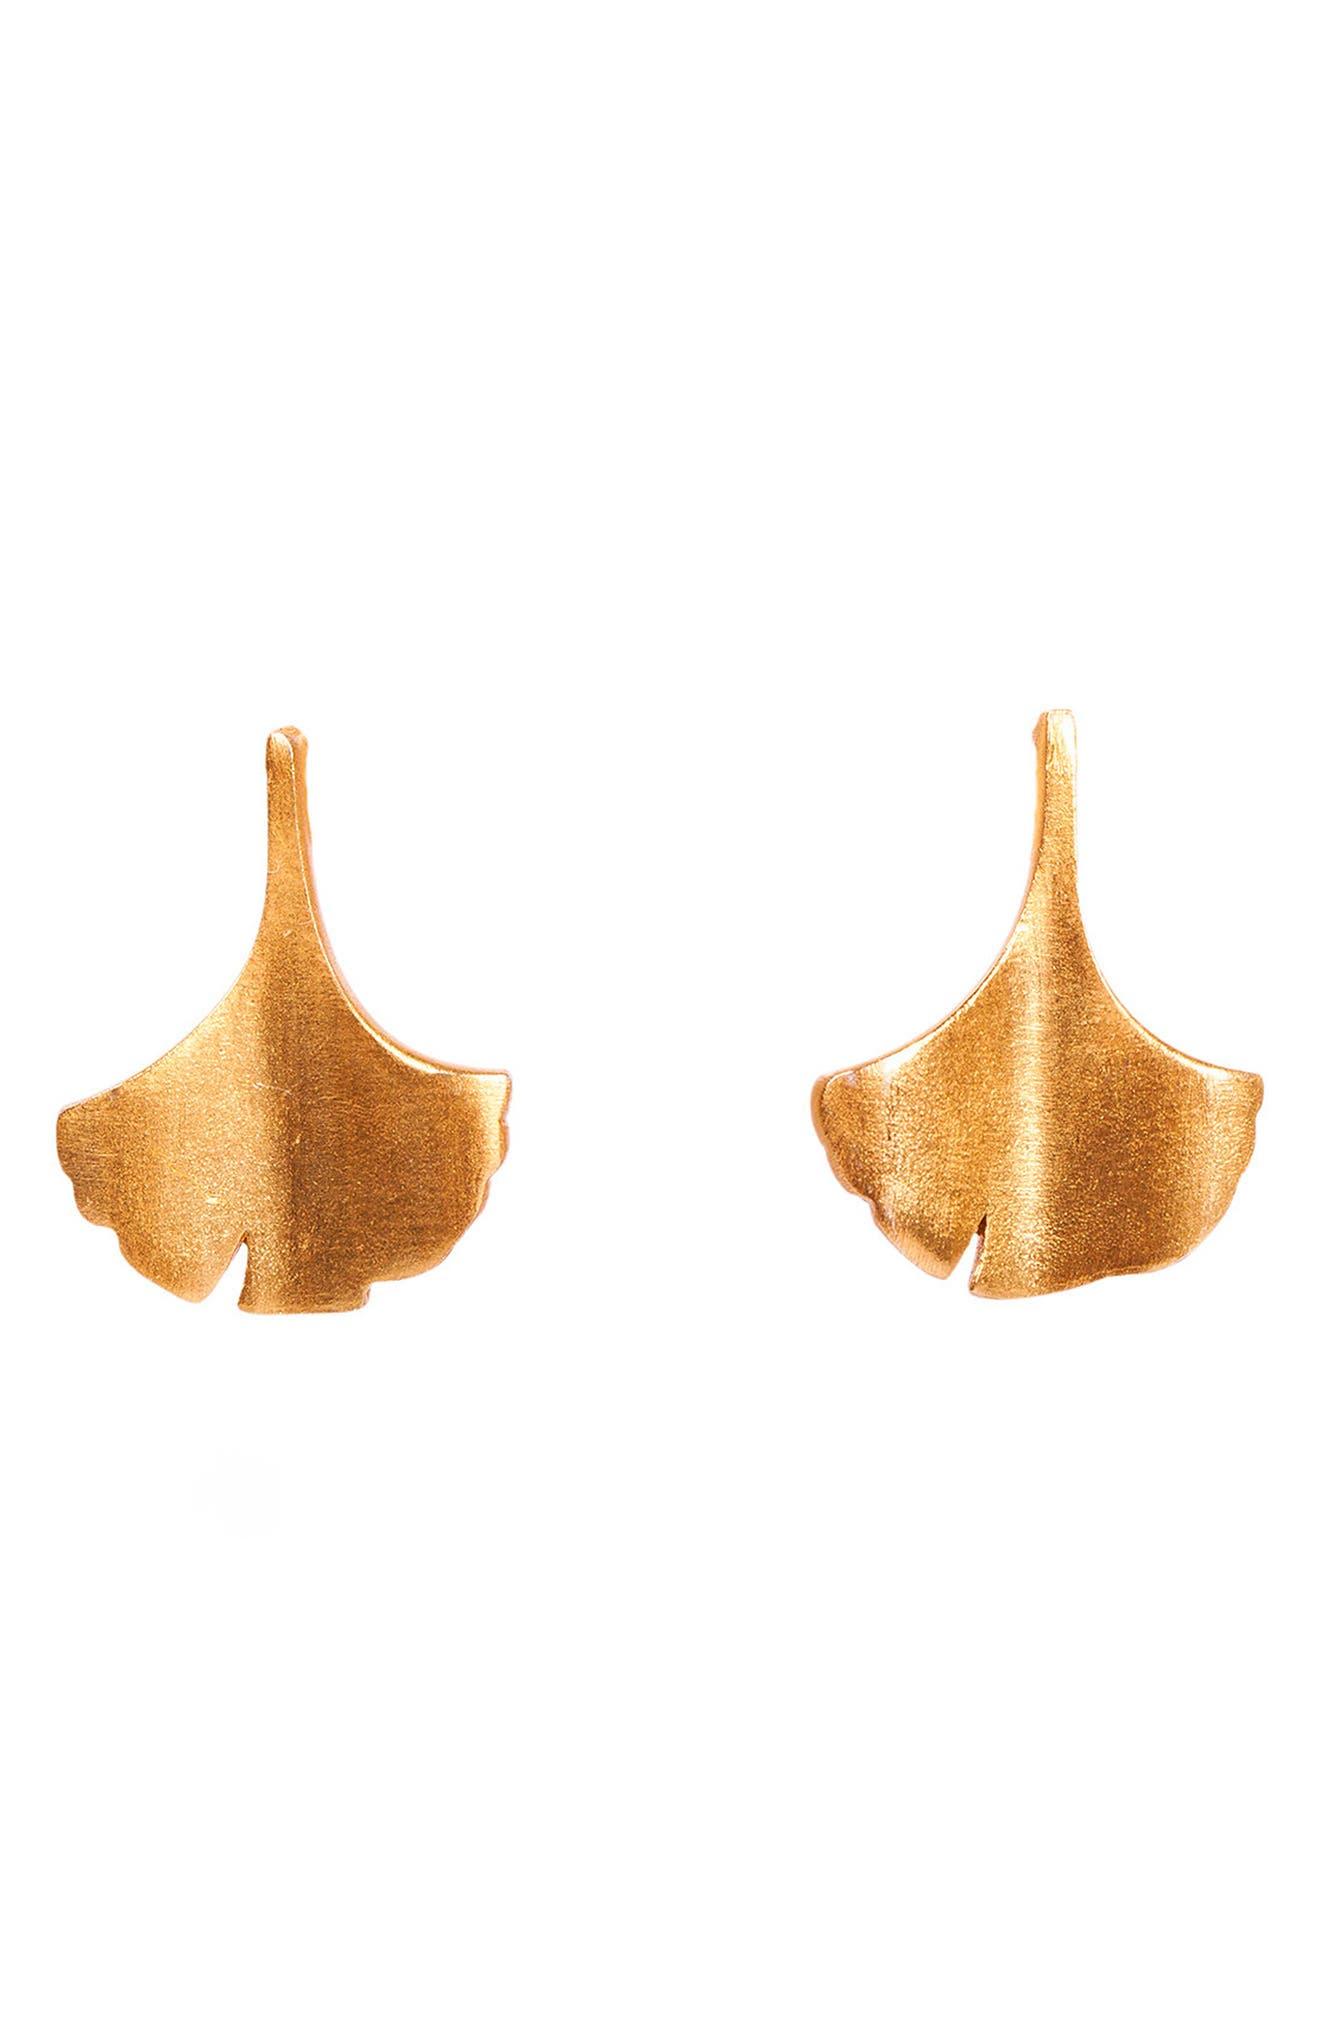 Ginkgo Stud Earrings